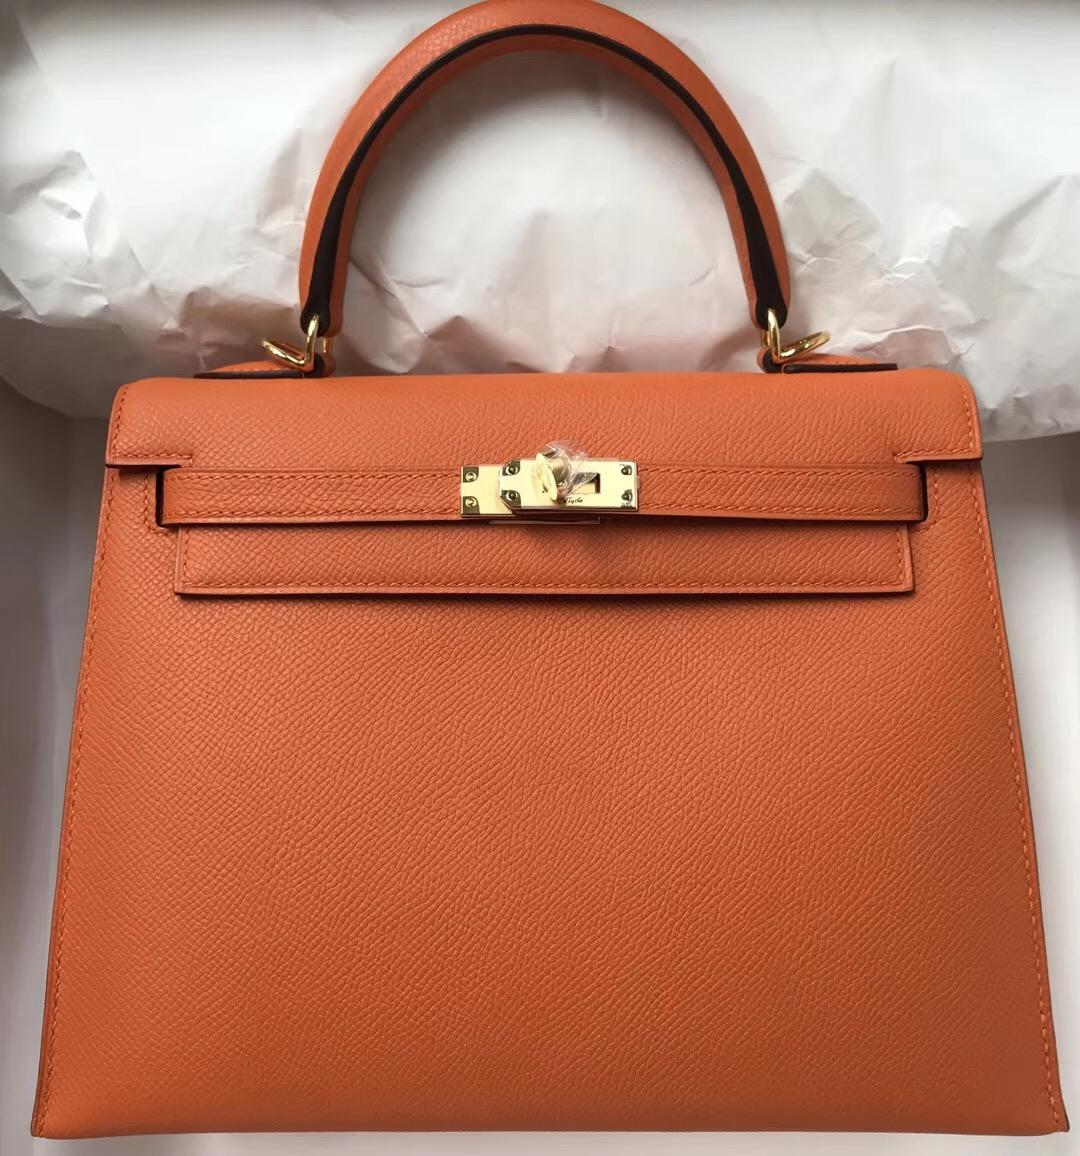 爱马仕凯莉包价格_爱马仕凯莉包哪个尺寸更受欢迎 Hermes Kelly Bag 25 Swift 1H太妃糖色 ...